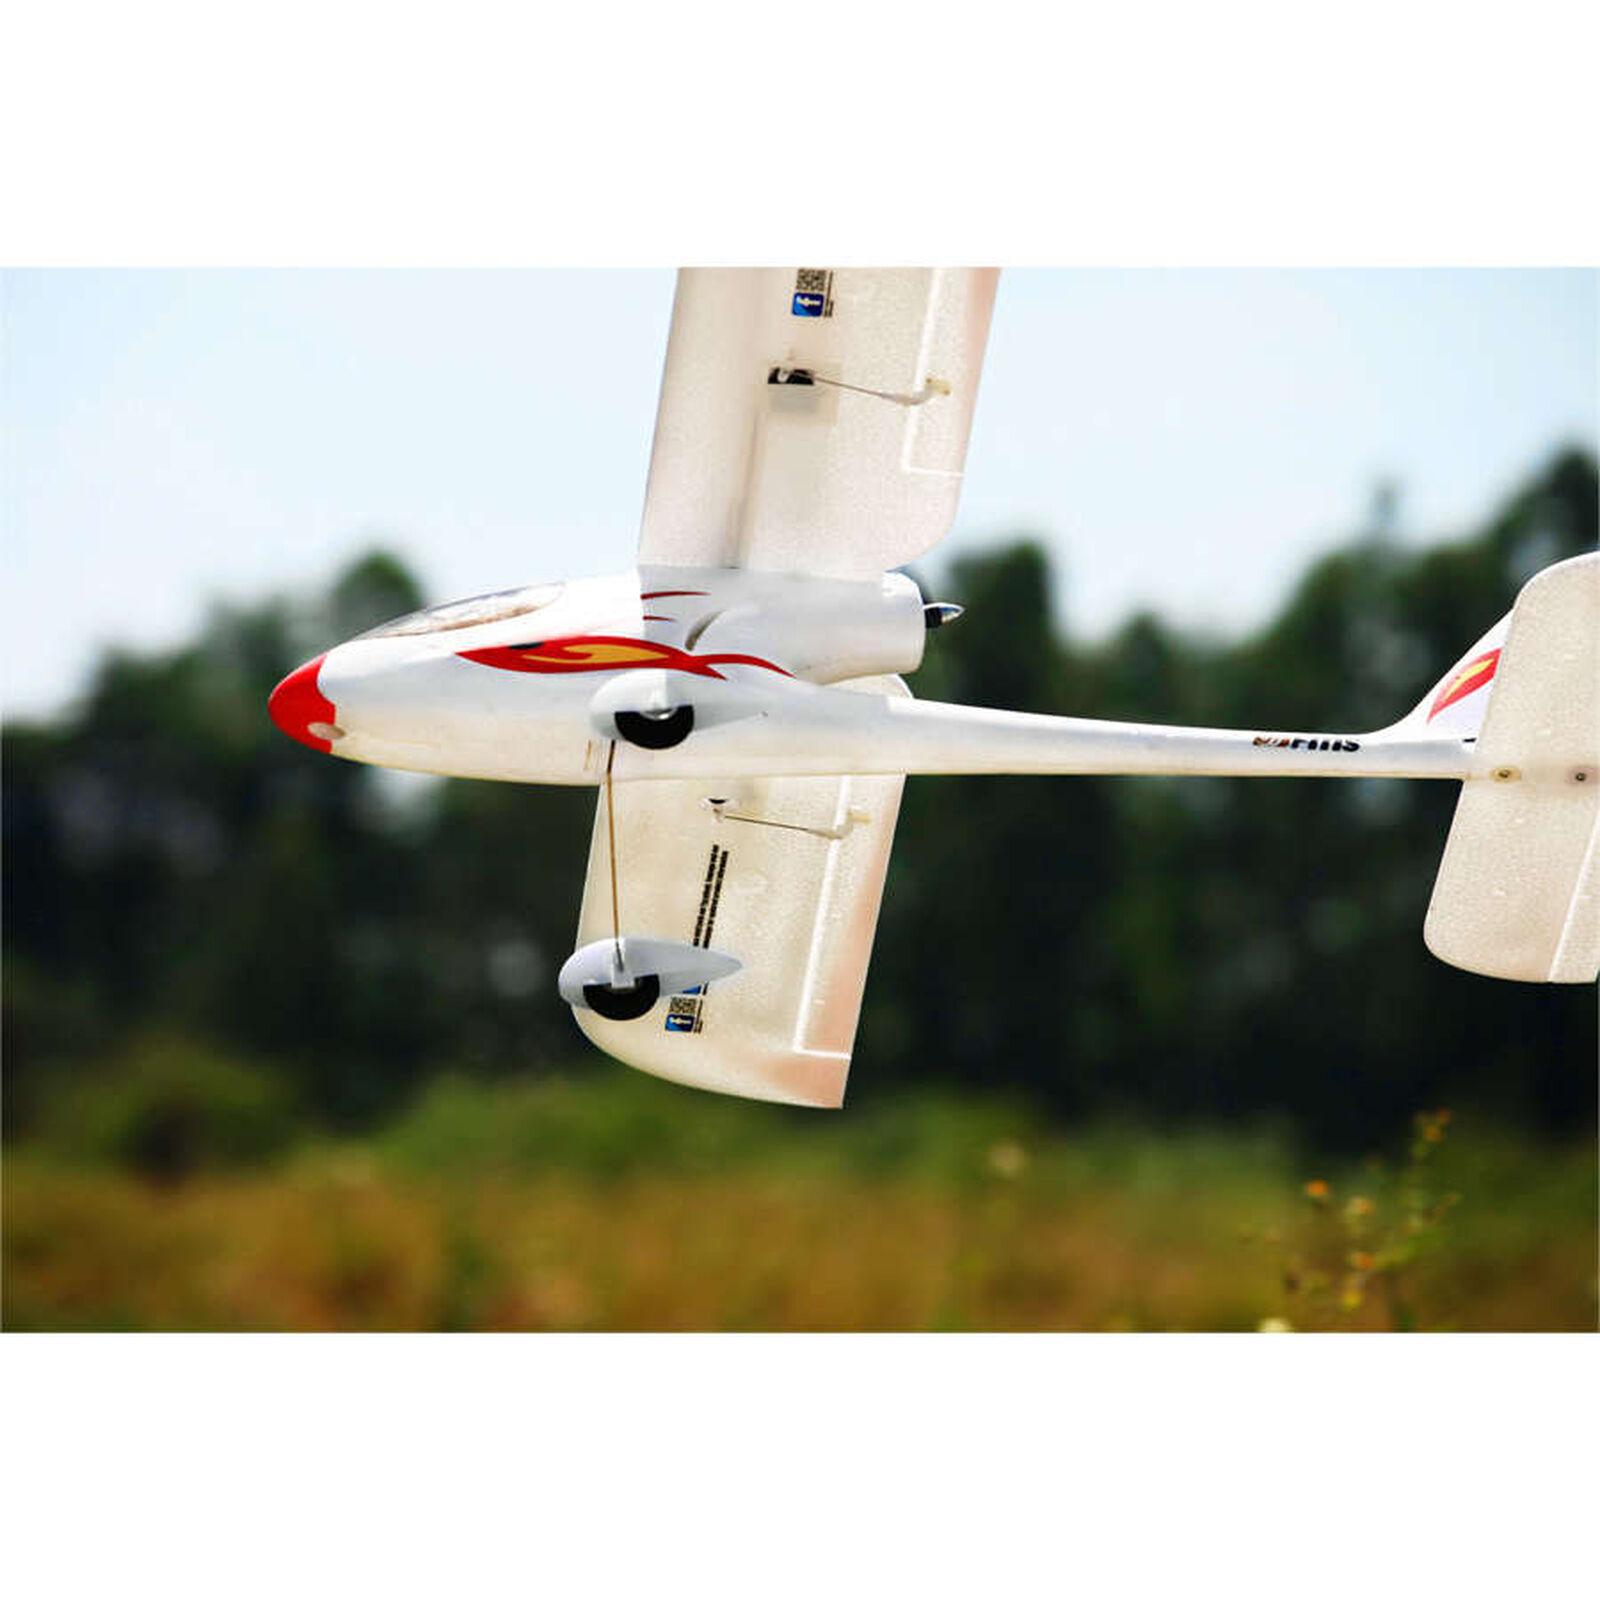 Red Dragonfly RTF, 900mm